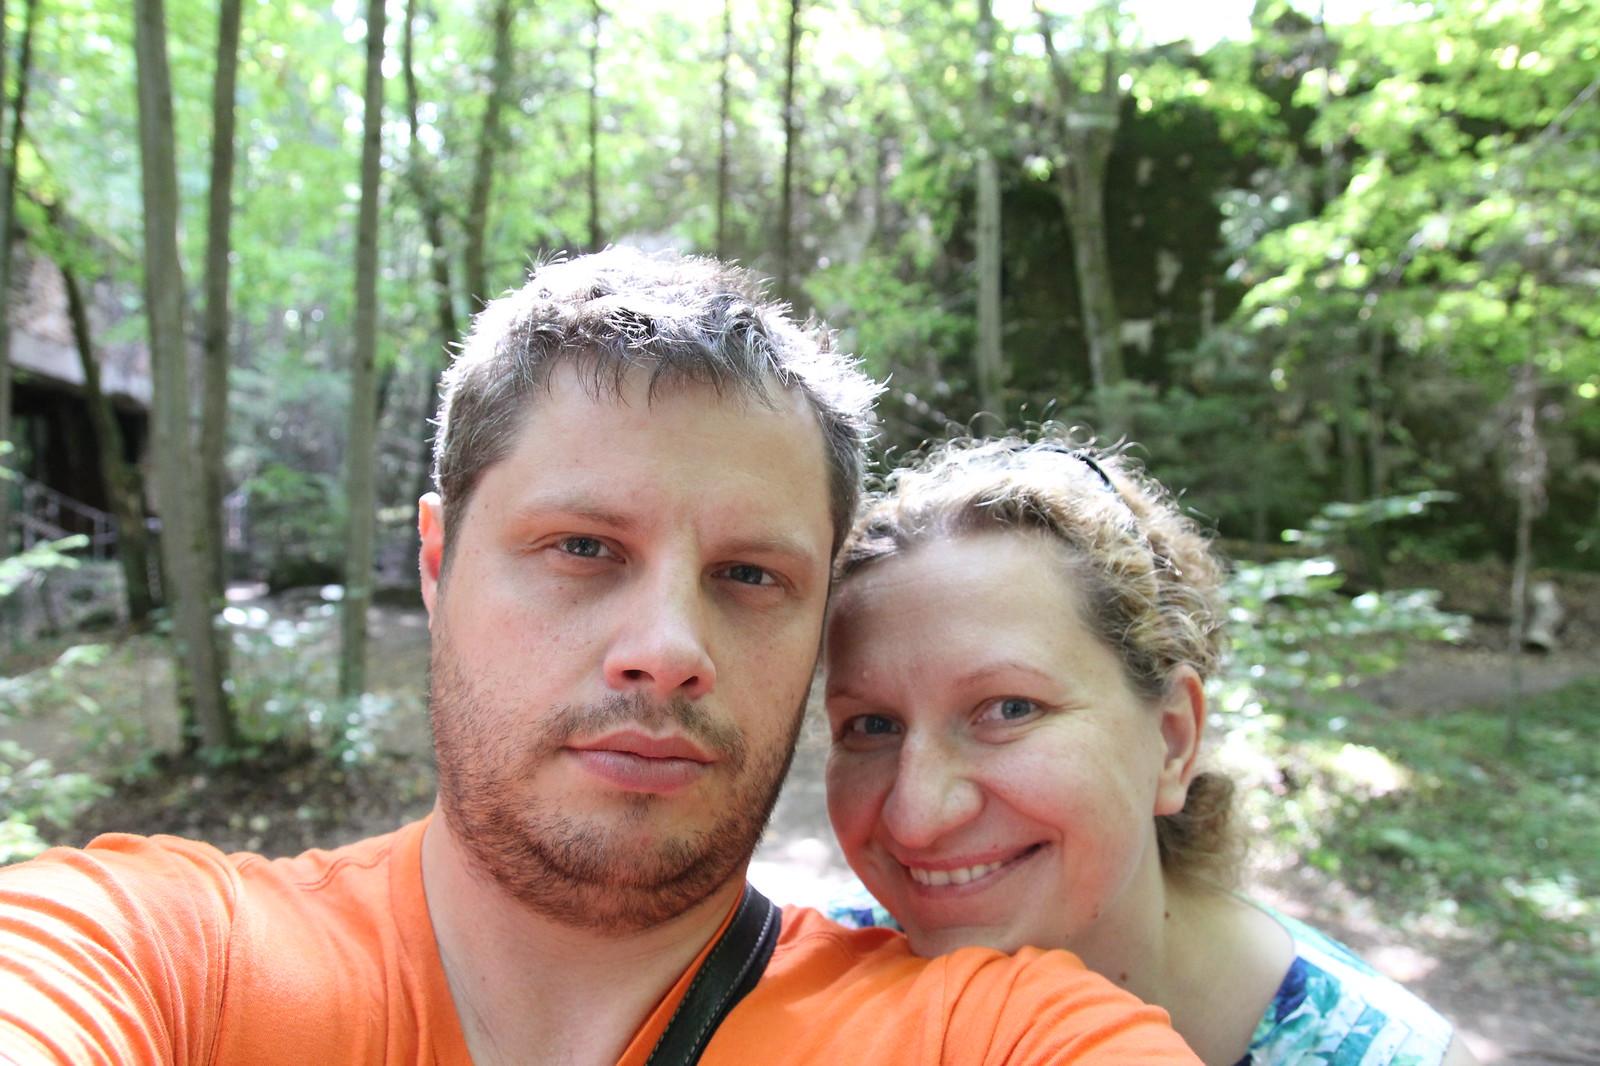 Dar tada atgal į Lenkiją užsukome. Apžiūrėjome Vilko irštvą.